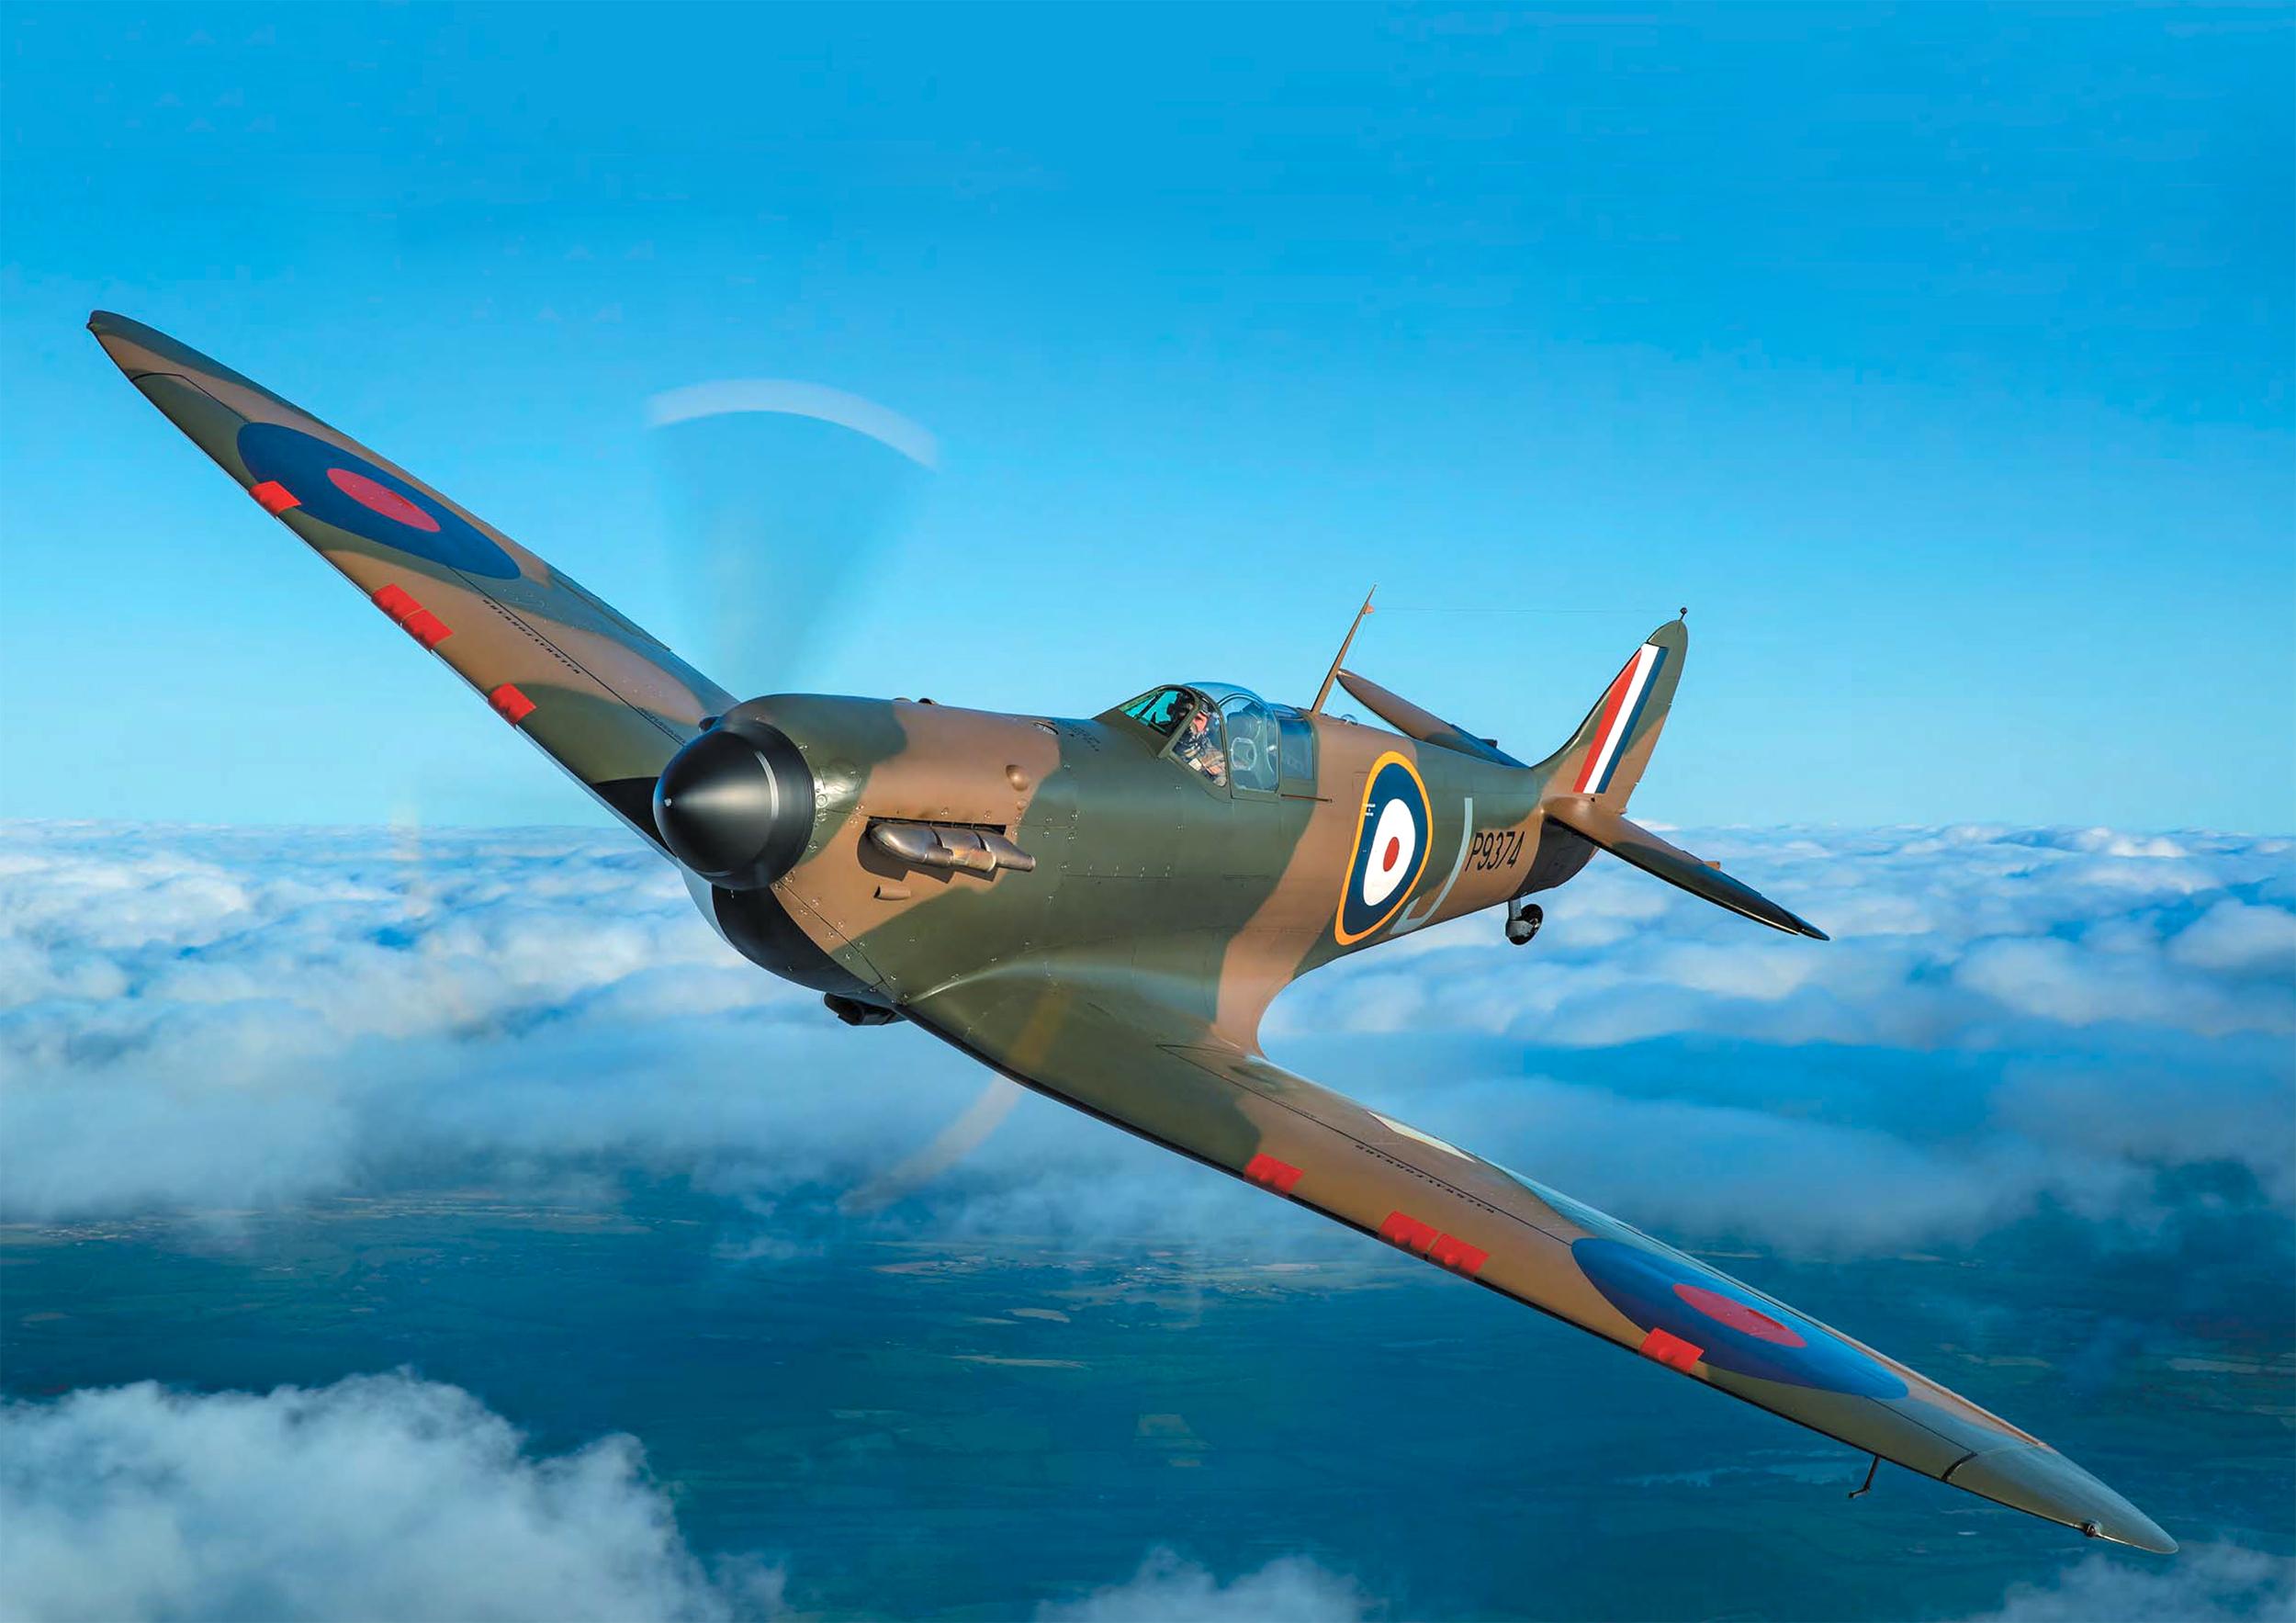 Airworthy Spitfire warbird MkI RAF 19Sqn J P9374 Aeroplane Sept 2015 02